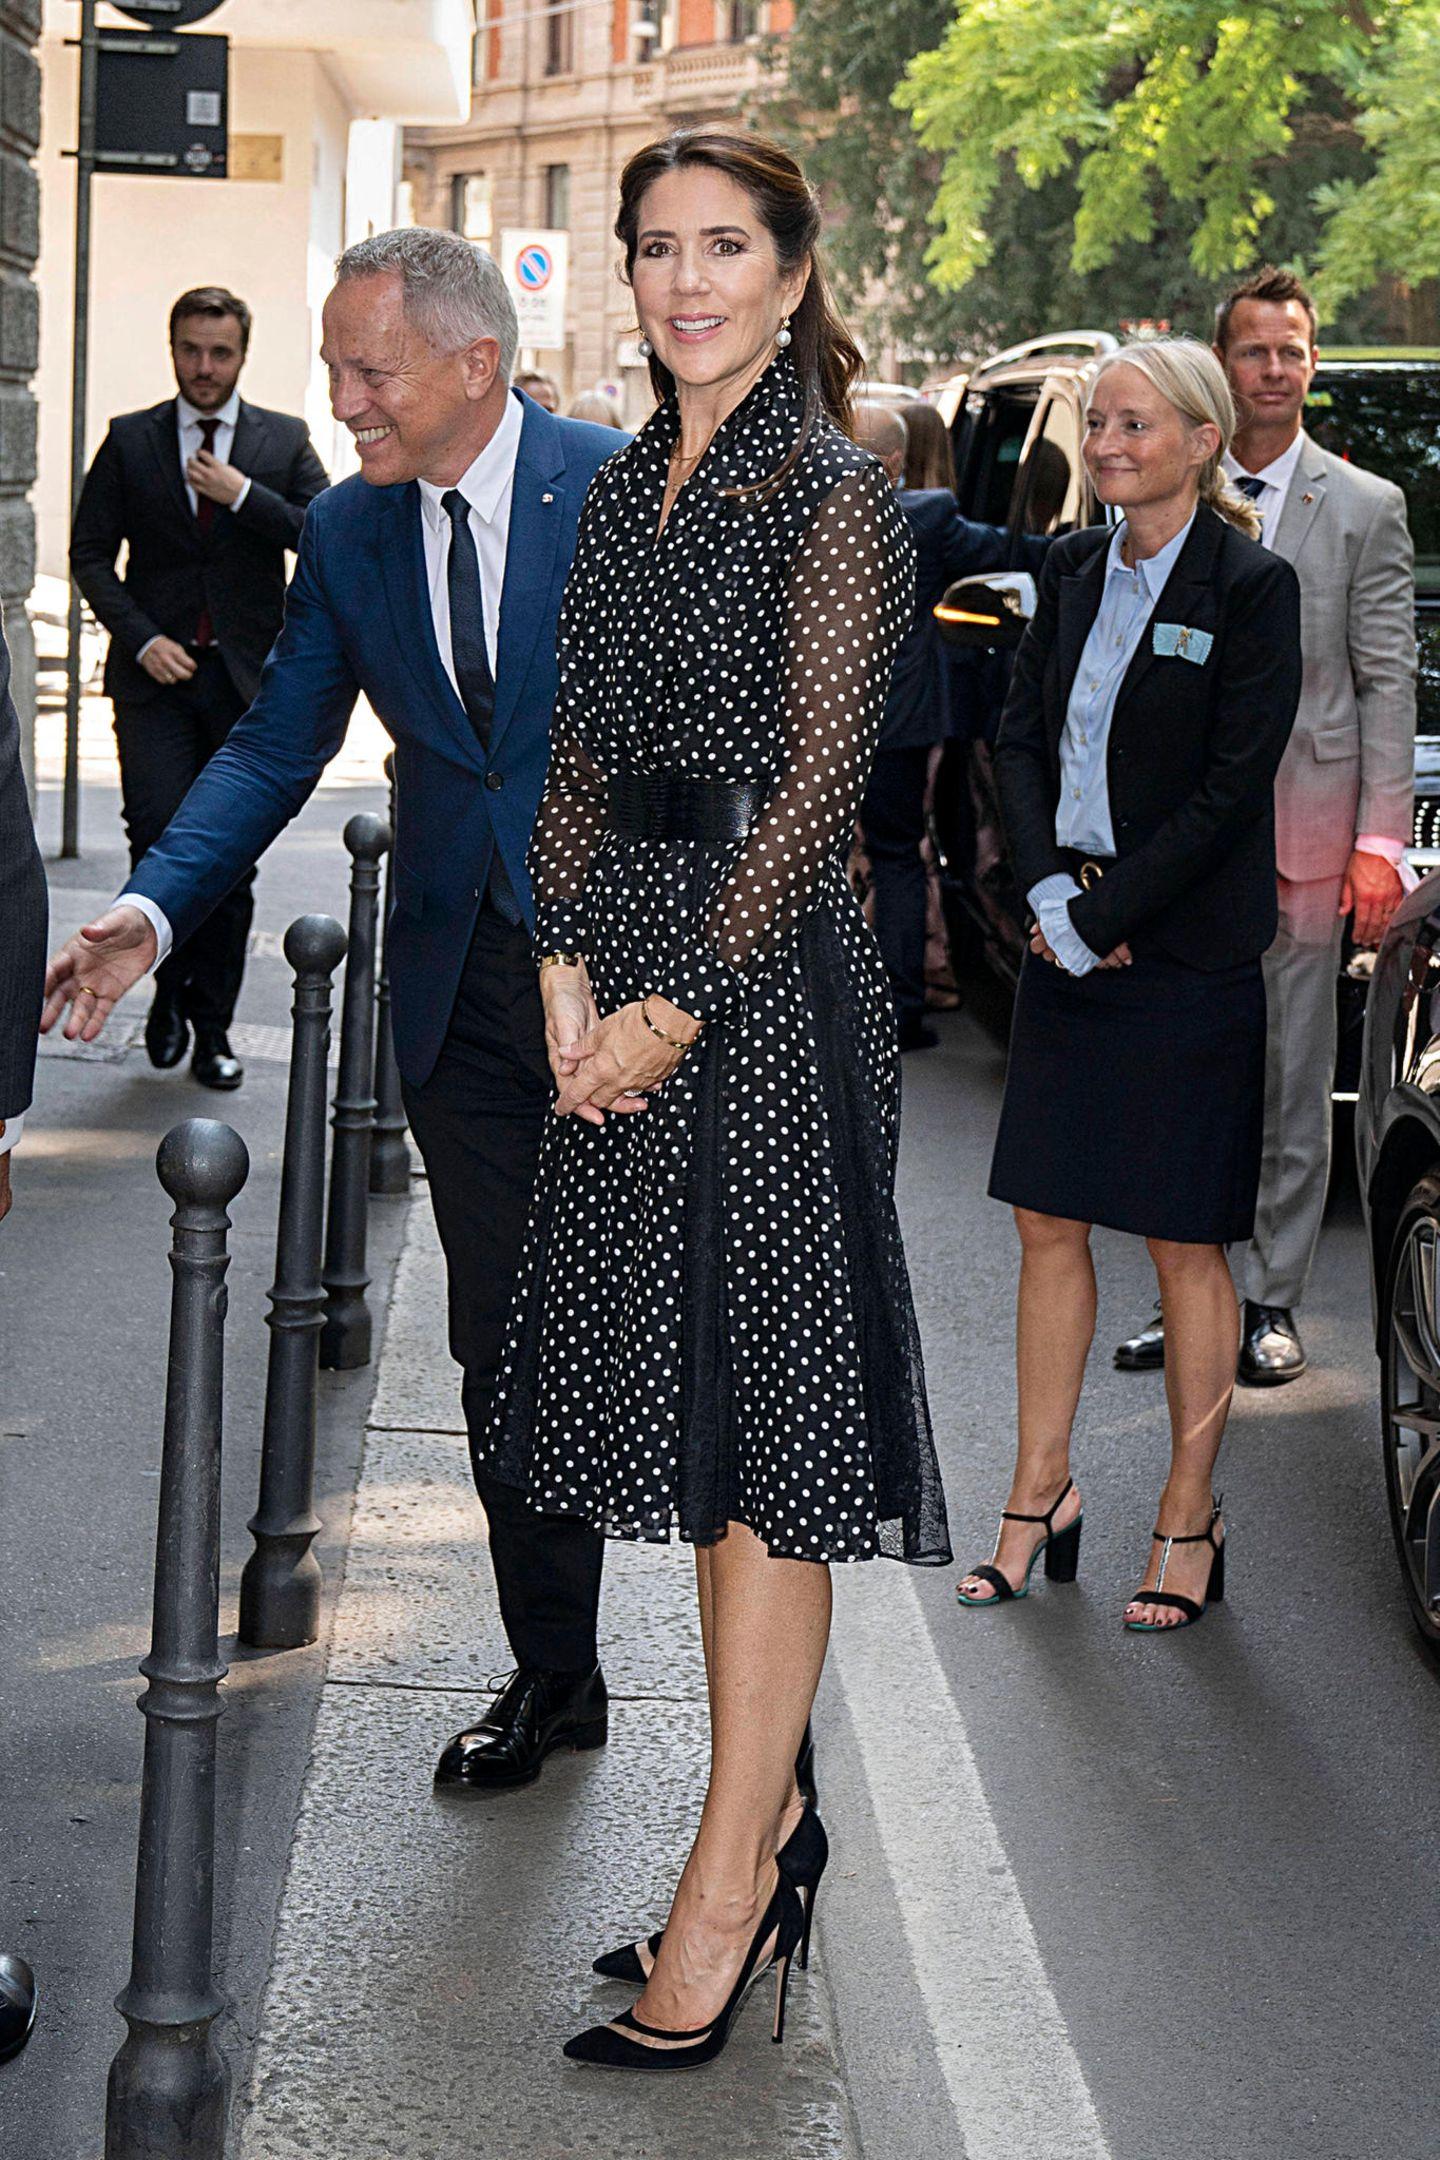 Für ihren Besuch der Mailänder Design-Woche hat sich Prinzessin Mary diesen verspielt-eleganten Polka-Dot-Look von Carolina Herrera ausgesucht, den sie mit einem Ledergürtel von Max Mara und Pumps von Gianvito Rossi kombiniert.